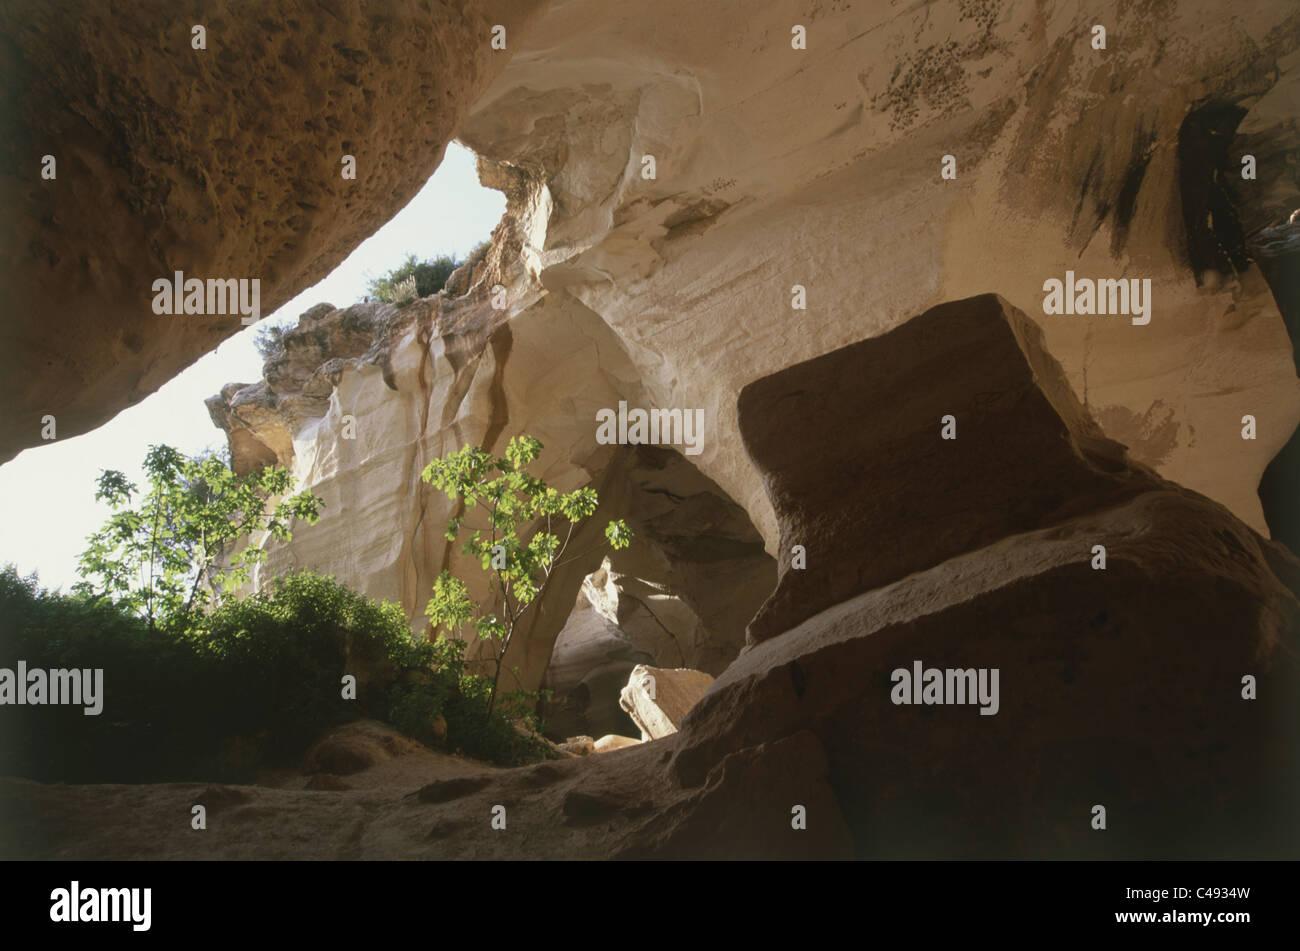 Fotografia del Luzit grotte nel parco Britannia nella valle del Terebinto Immagini Stock